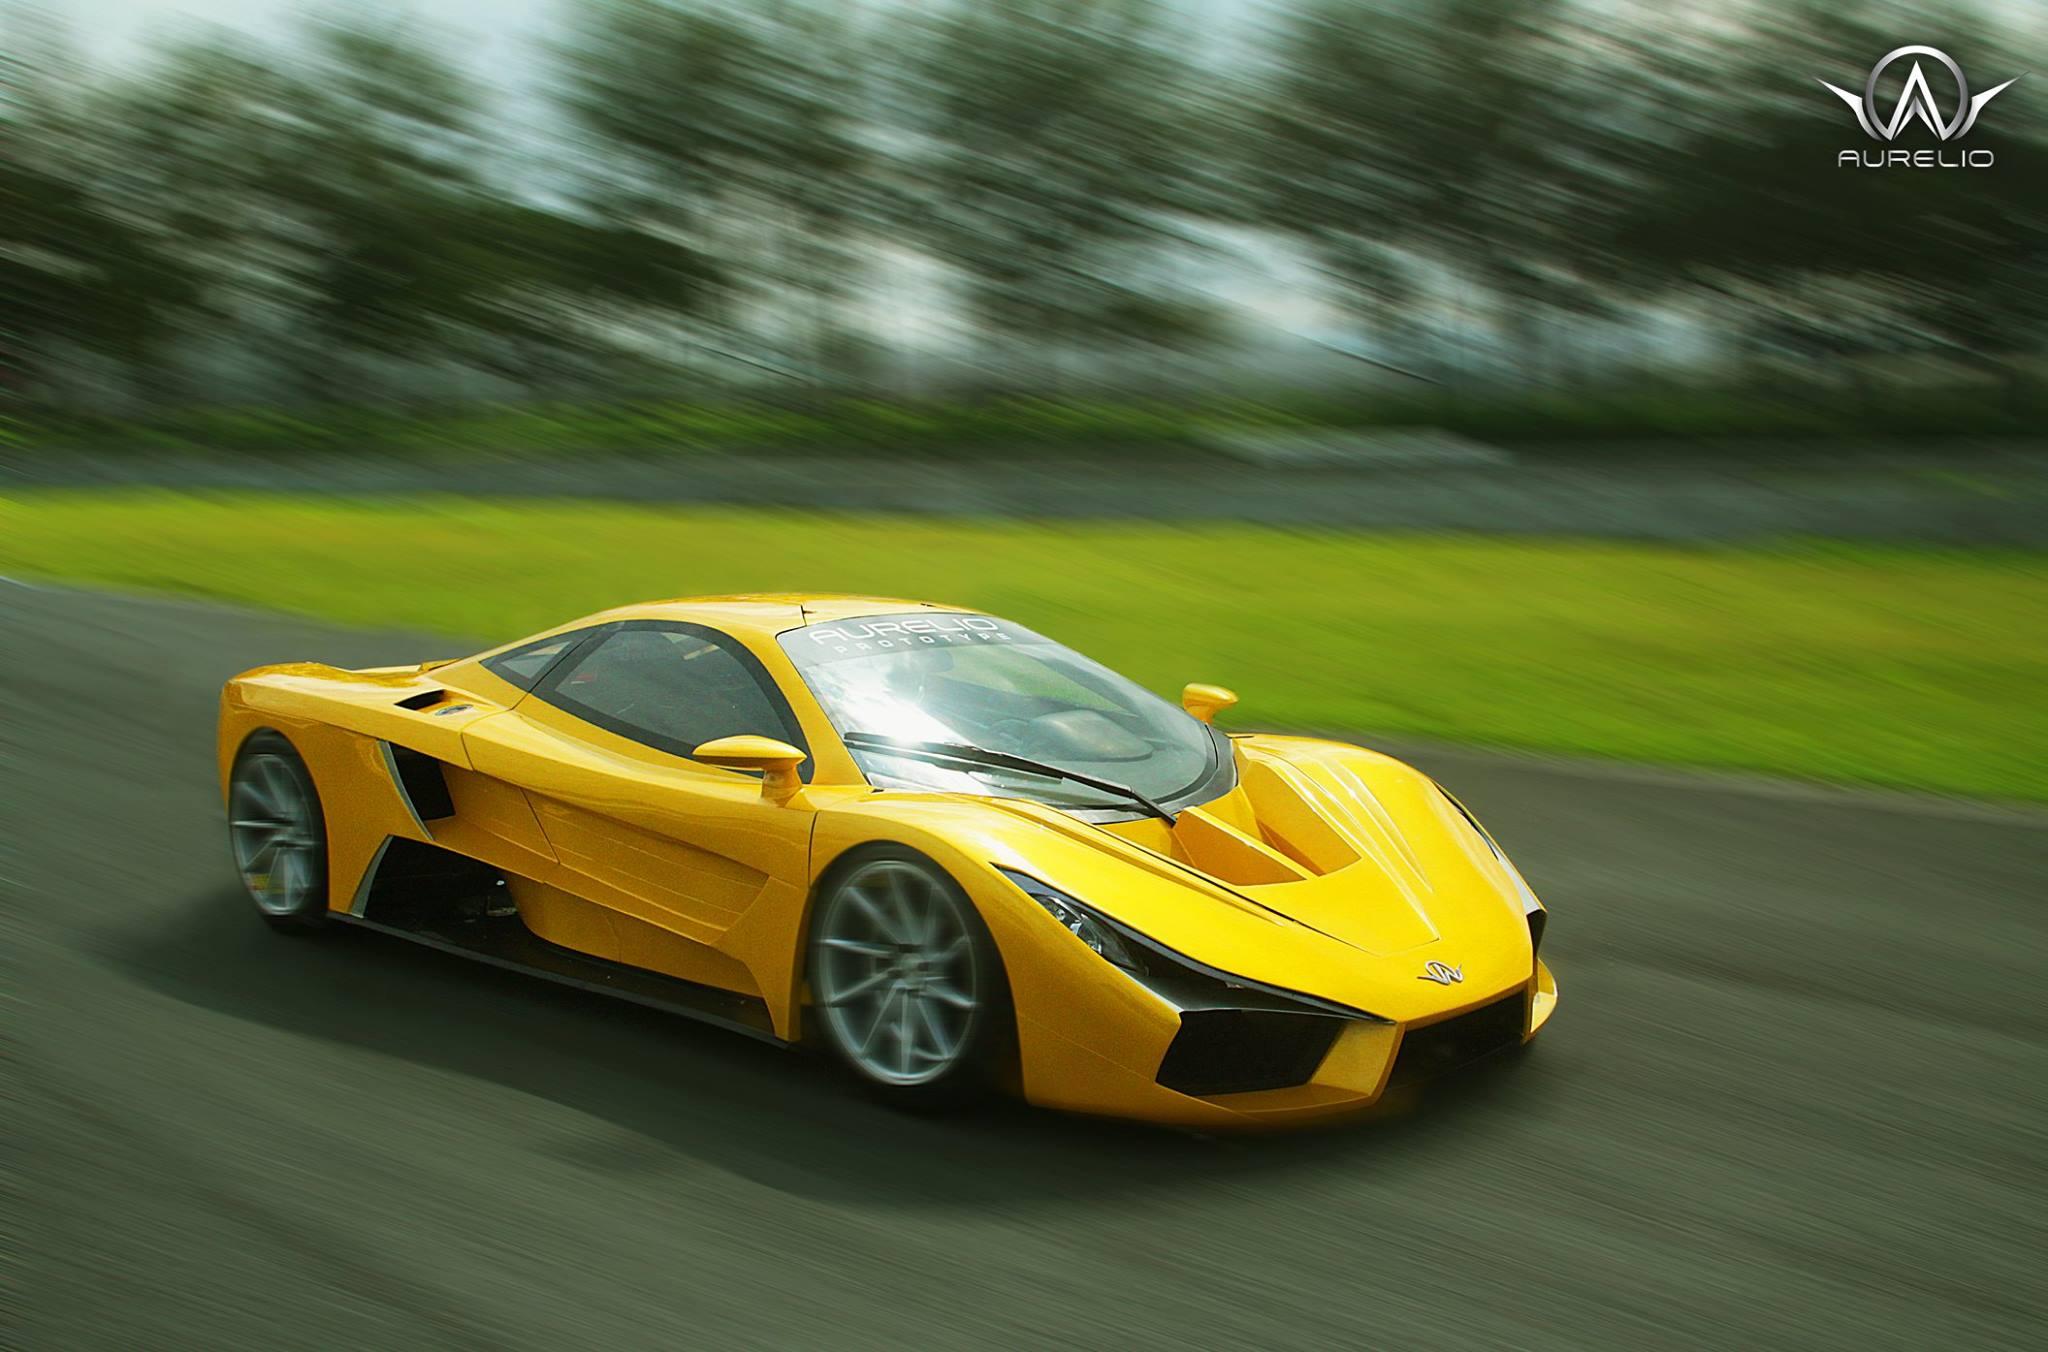 フィリピン発のスポーツカー、Aurelio(アーレリオ)を見てみよう ...